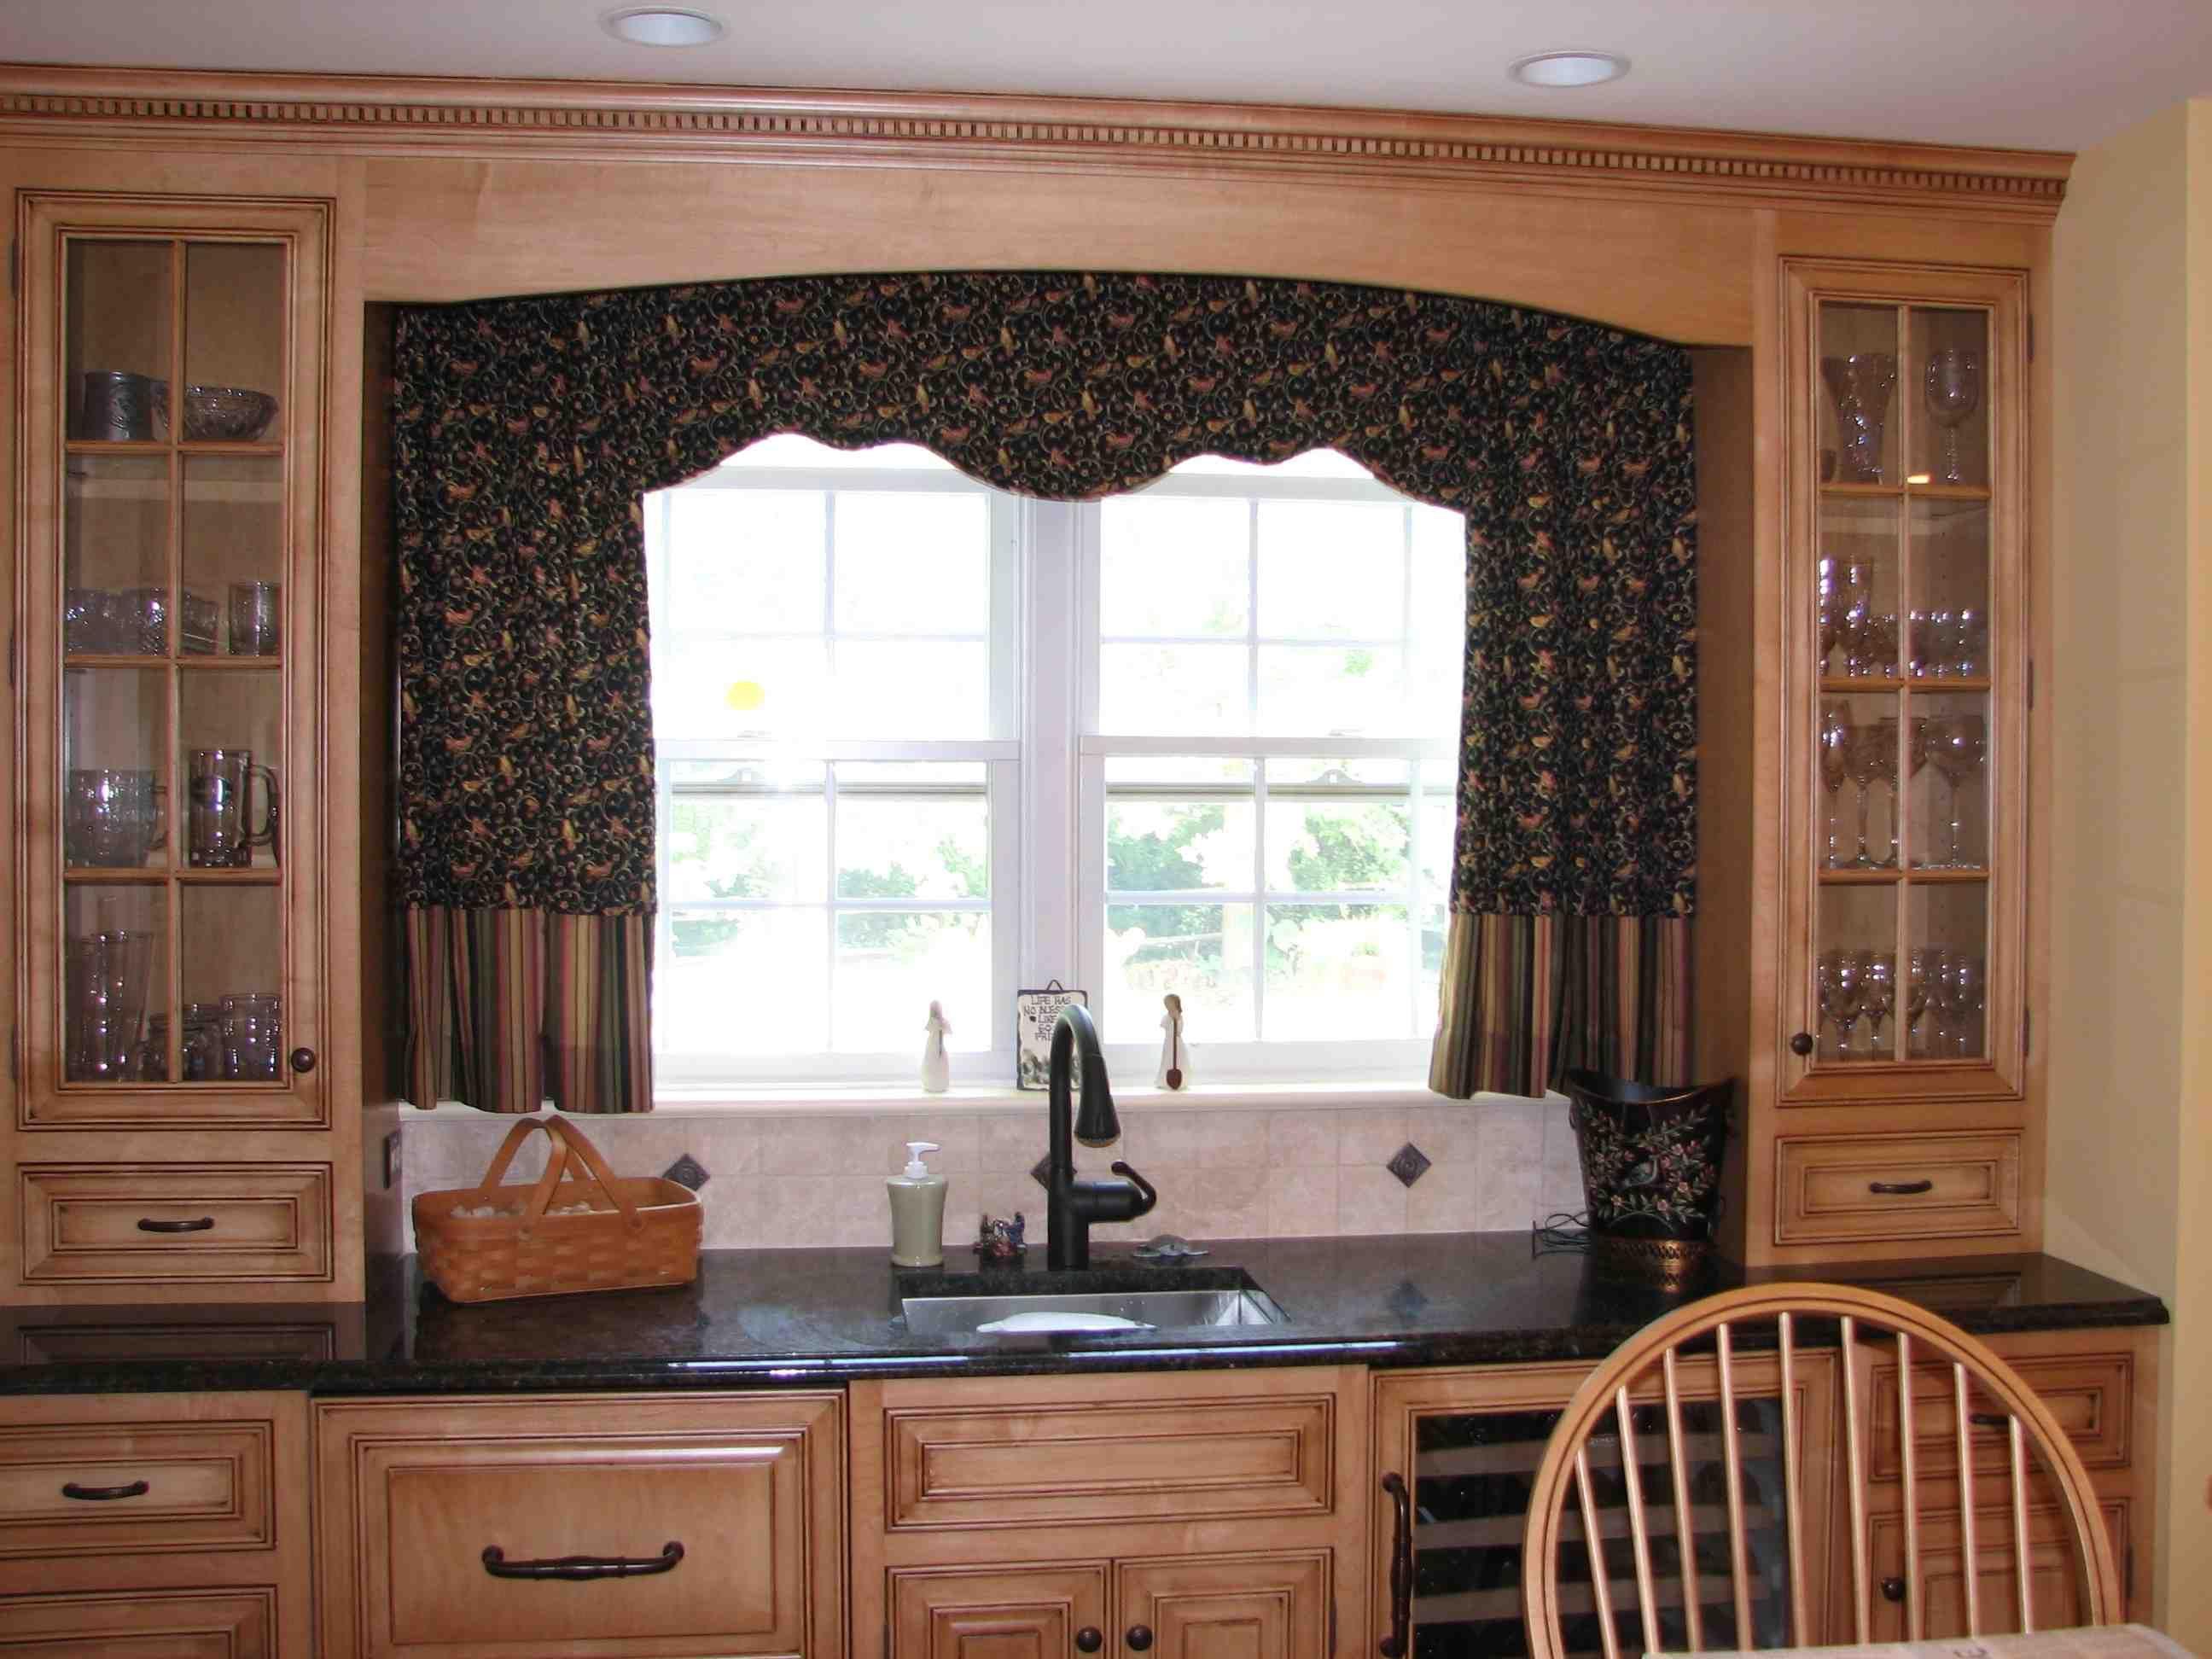 Beste Küche Fenster Behandlungen Über Waschbecken Küchen Der - Küchen wände ohne fliesen